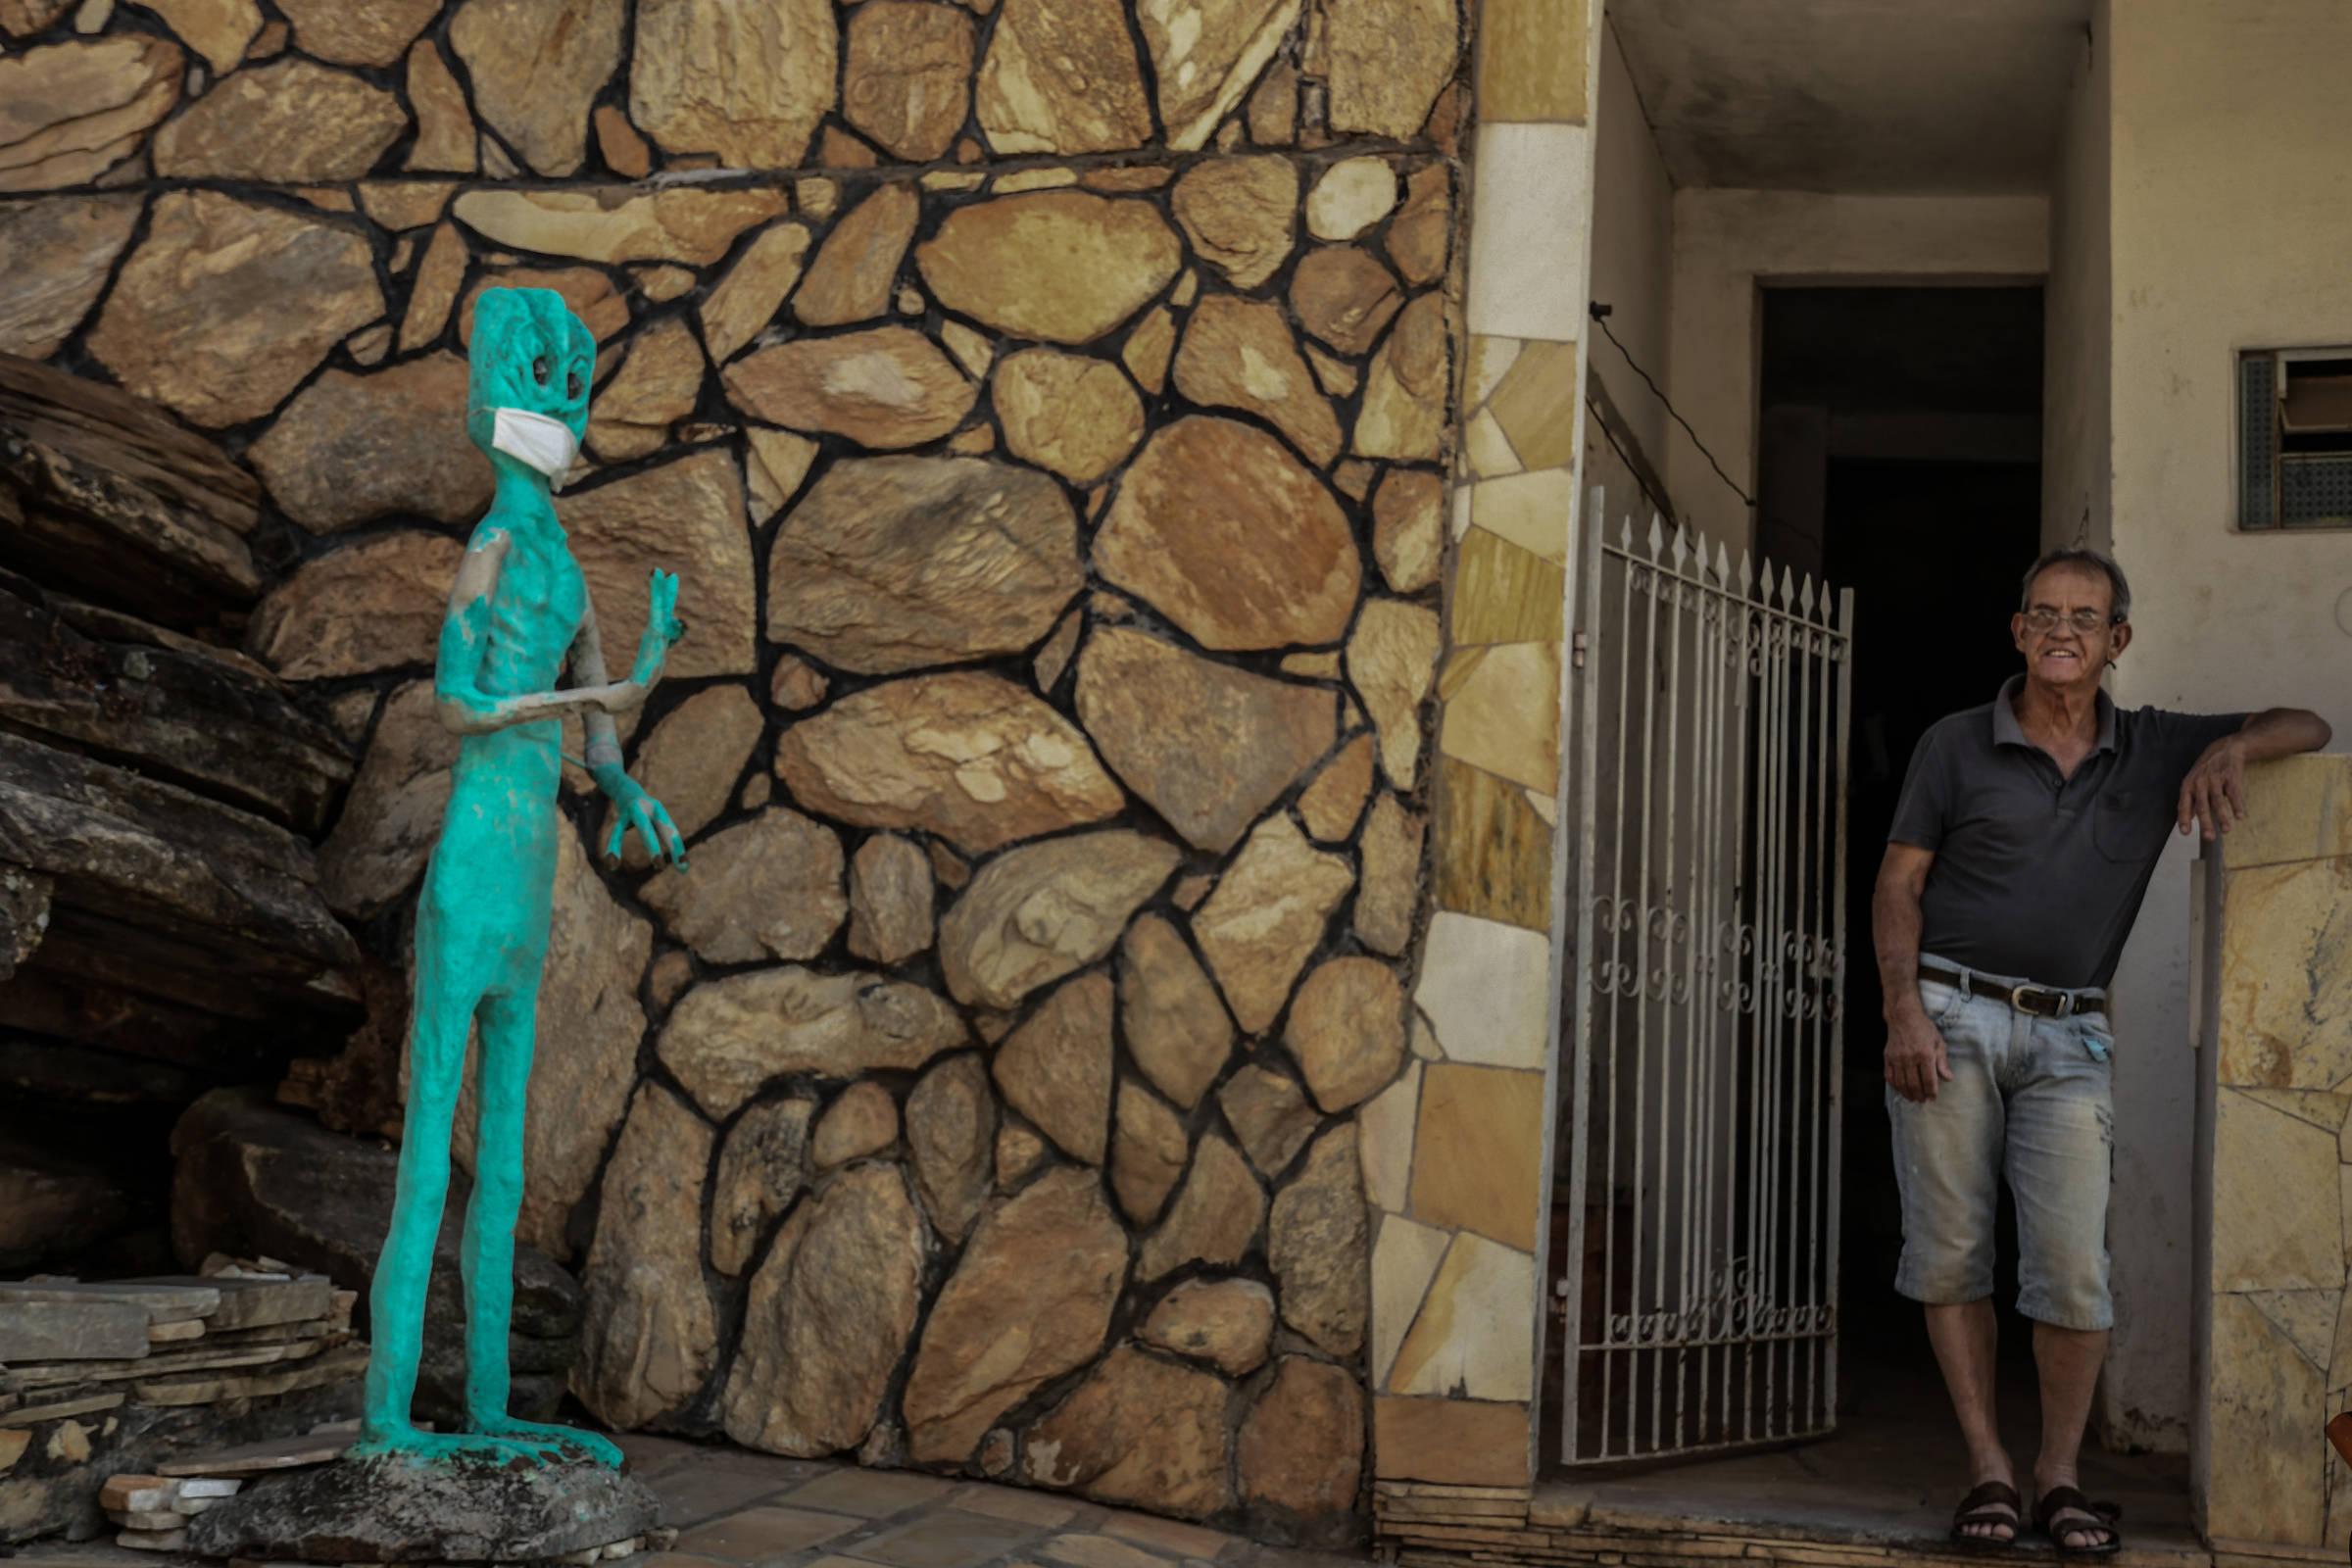 Escultura de ET é vista com máscara em rua de São Tomé das Letras, em Minas Gerais